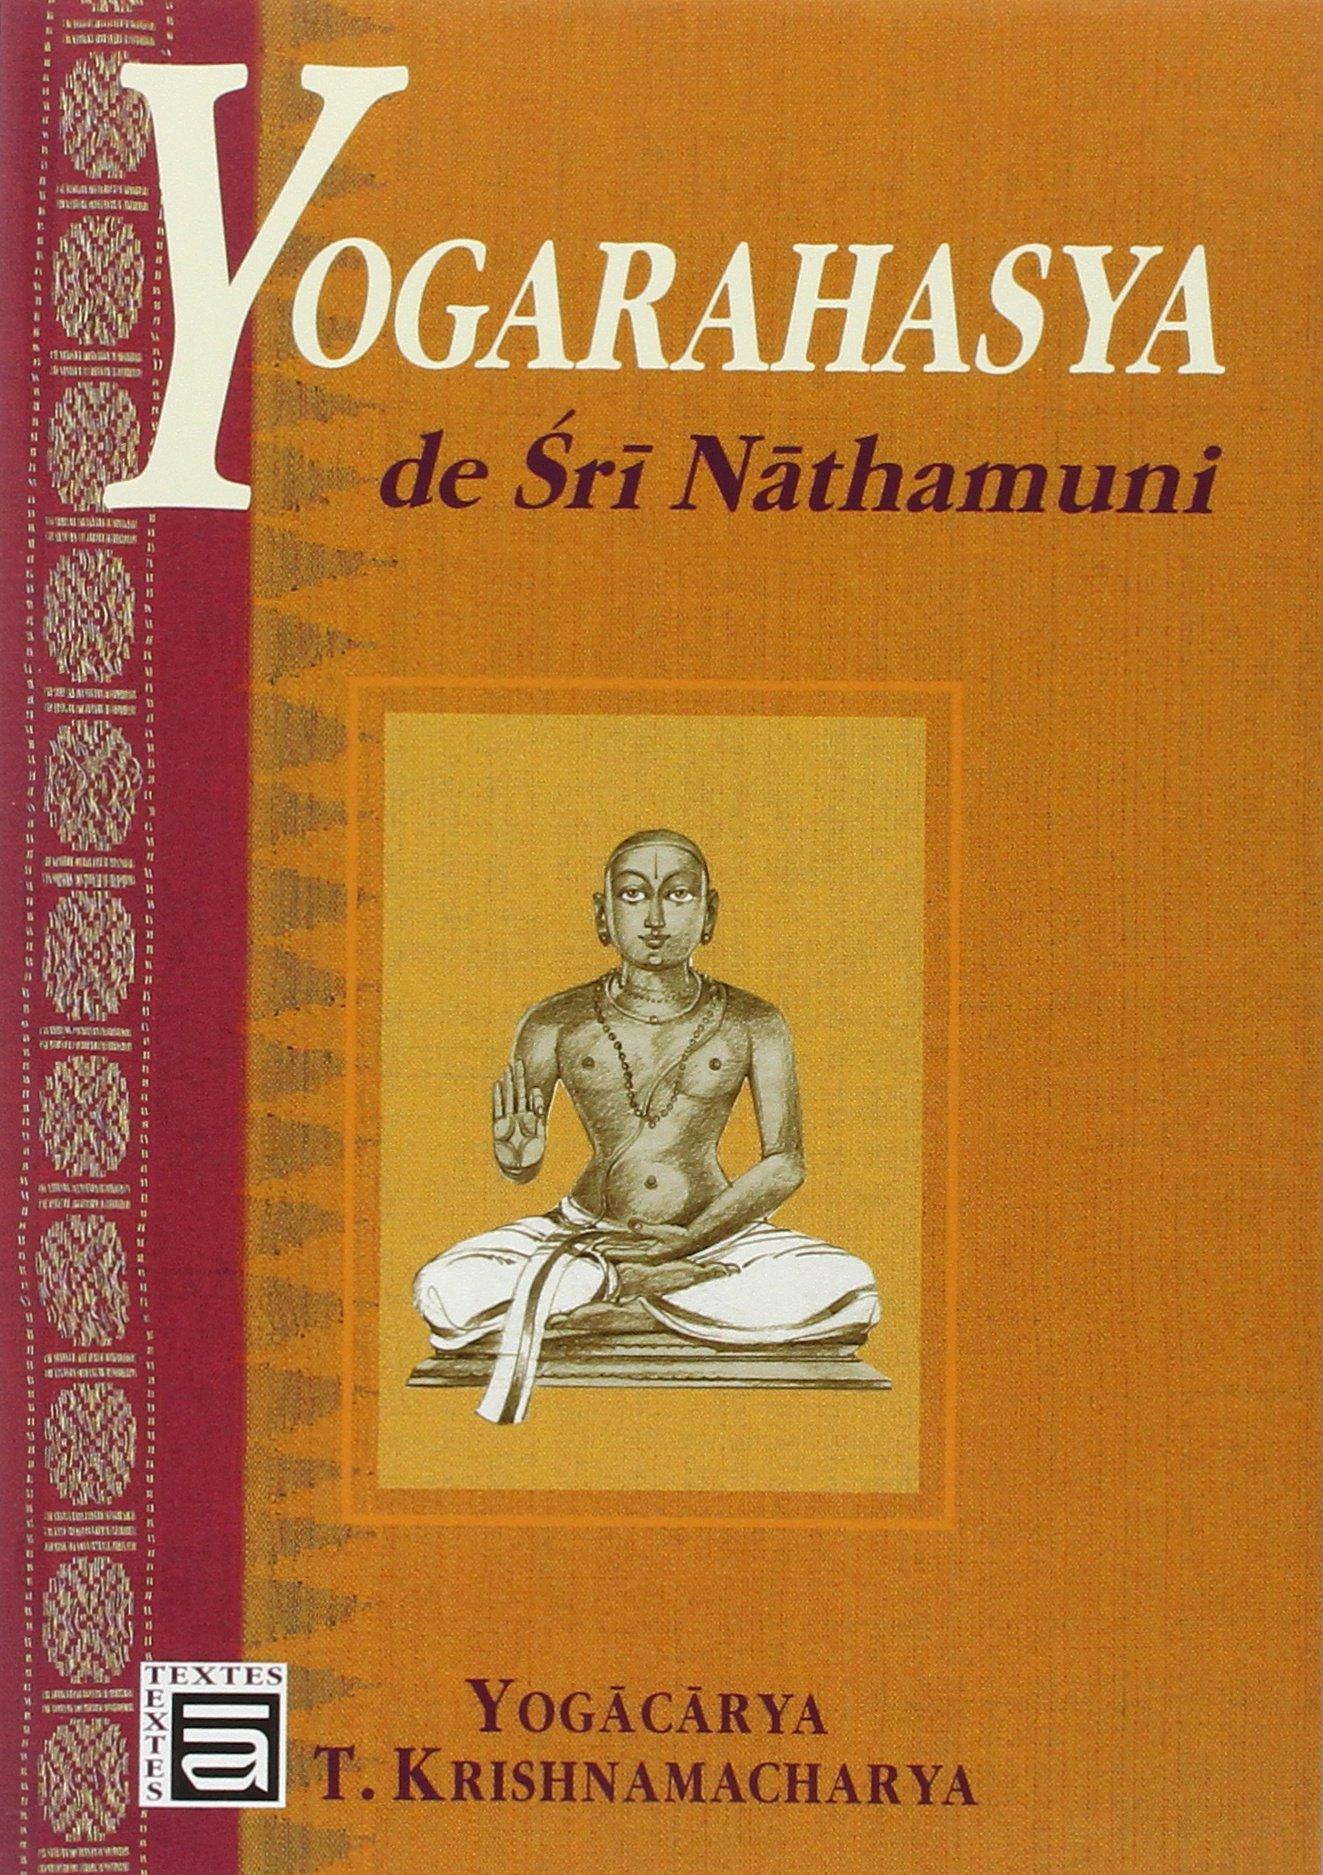 Yogarahasya de sri nathamuni: Amazon.es: Yogacarya-T ...